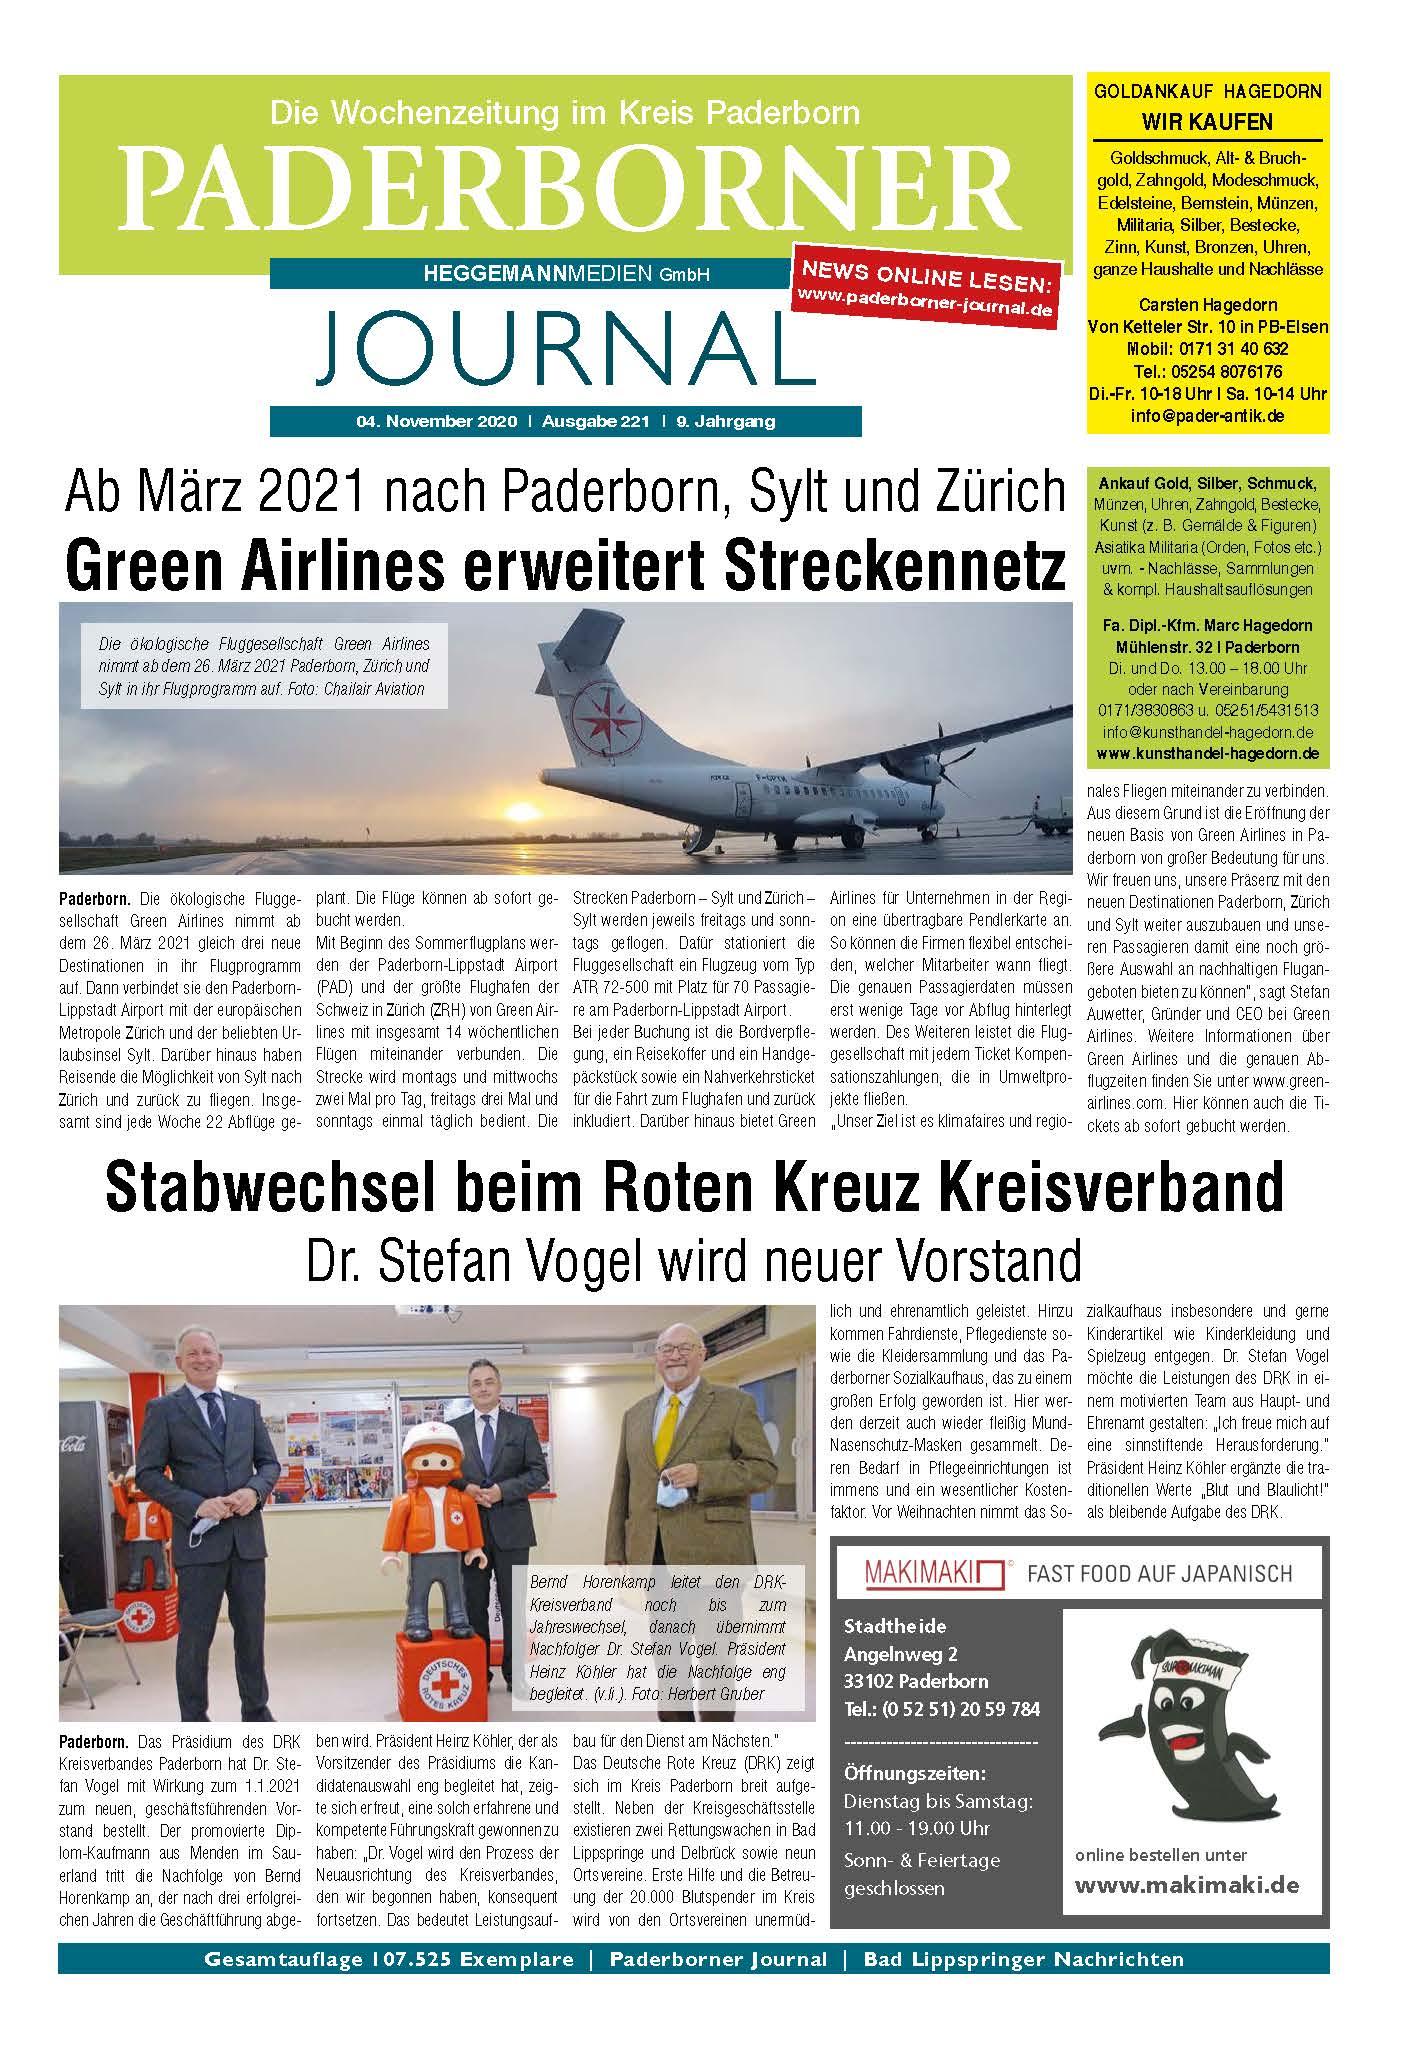 Paderborner Journal 221 vom 04.11.2020